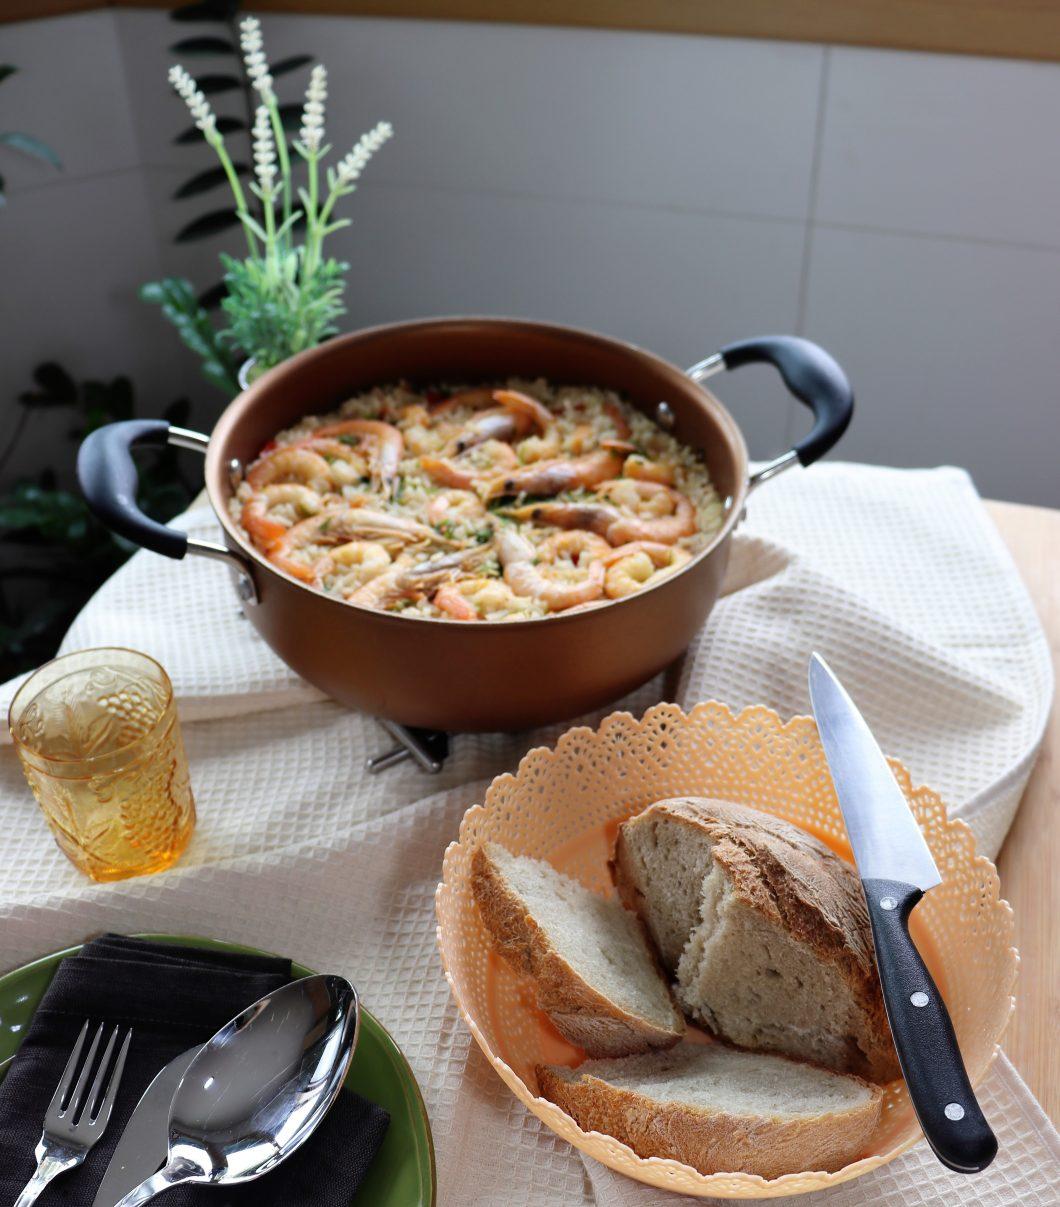 arroz de peixe e camarão